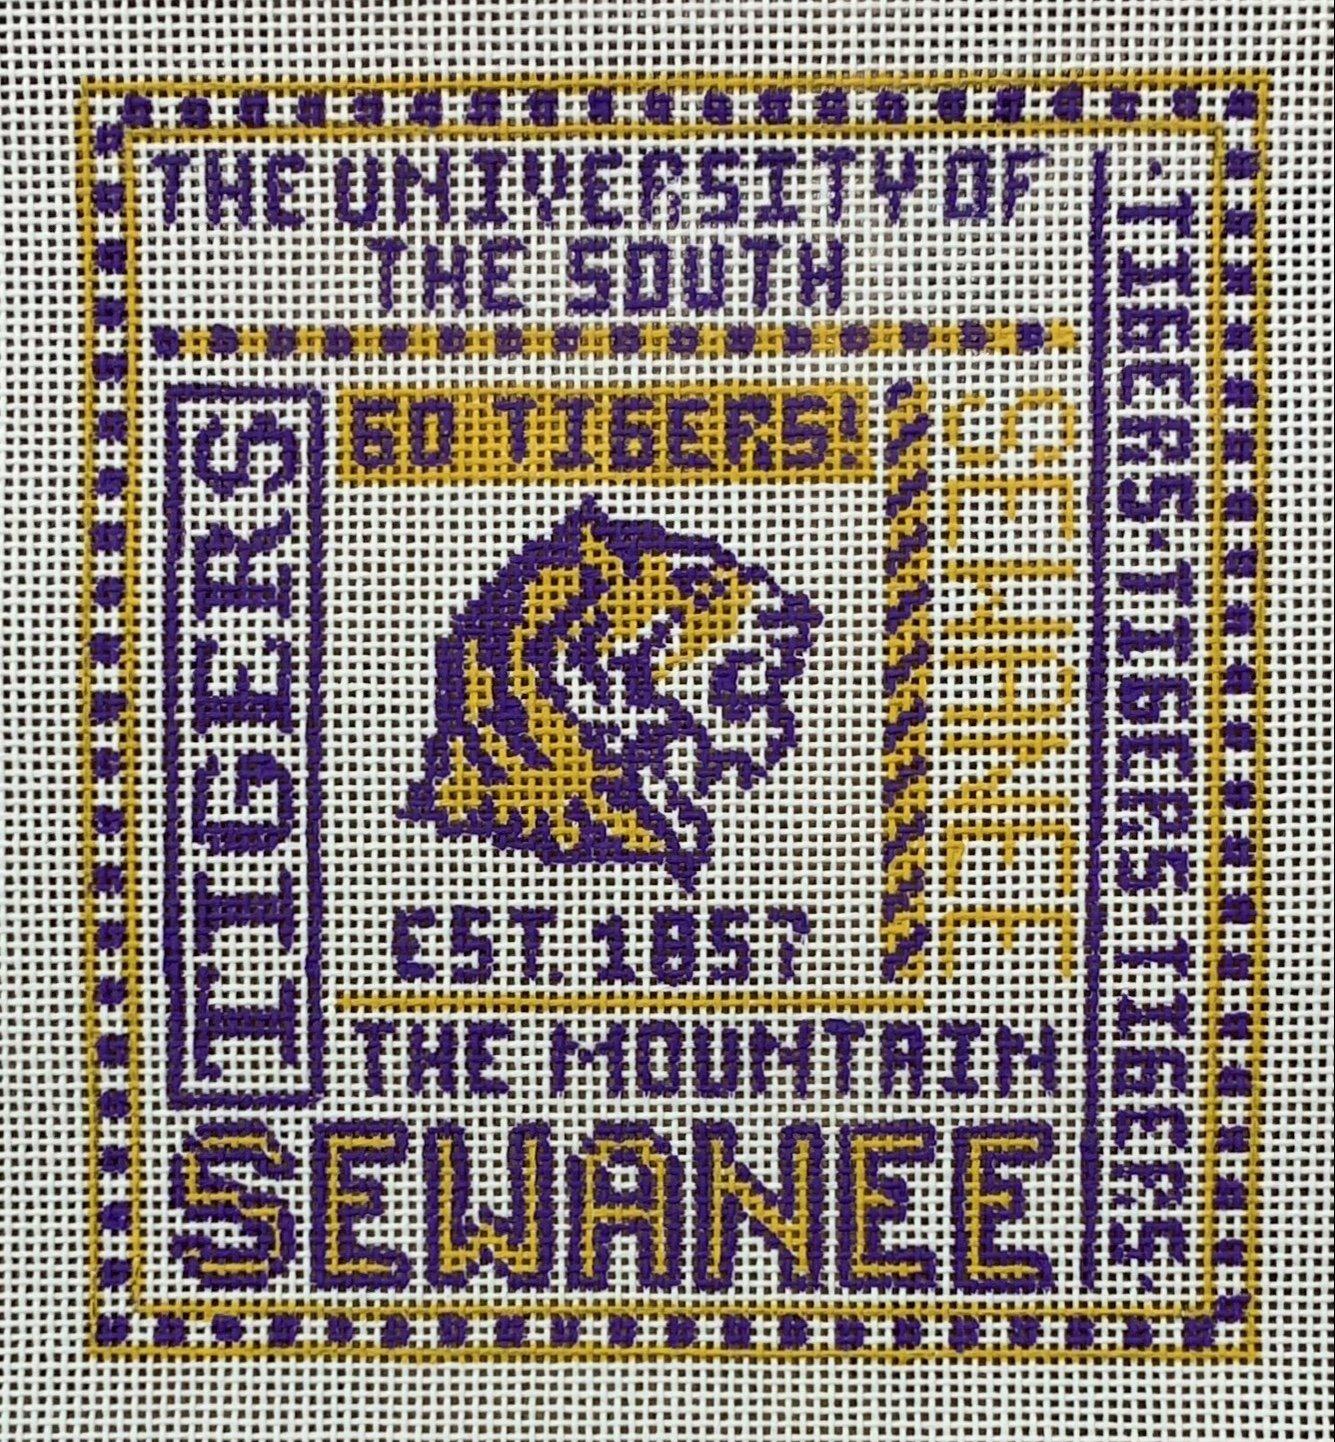 Sewanee University Sampler